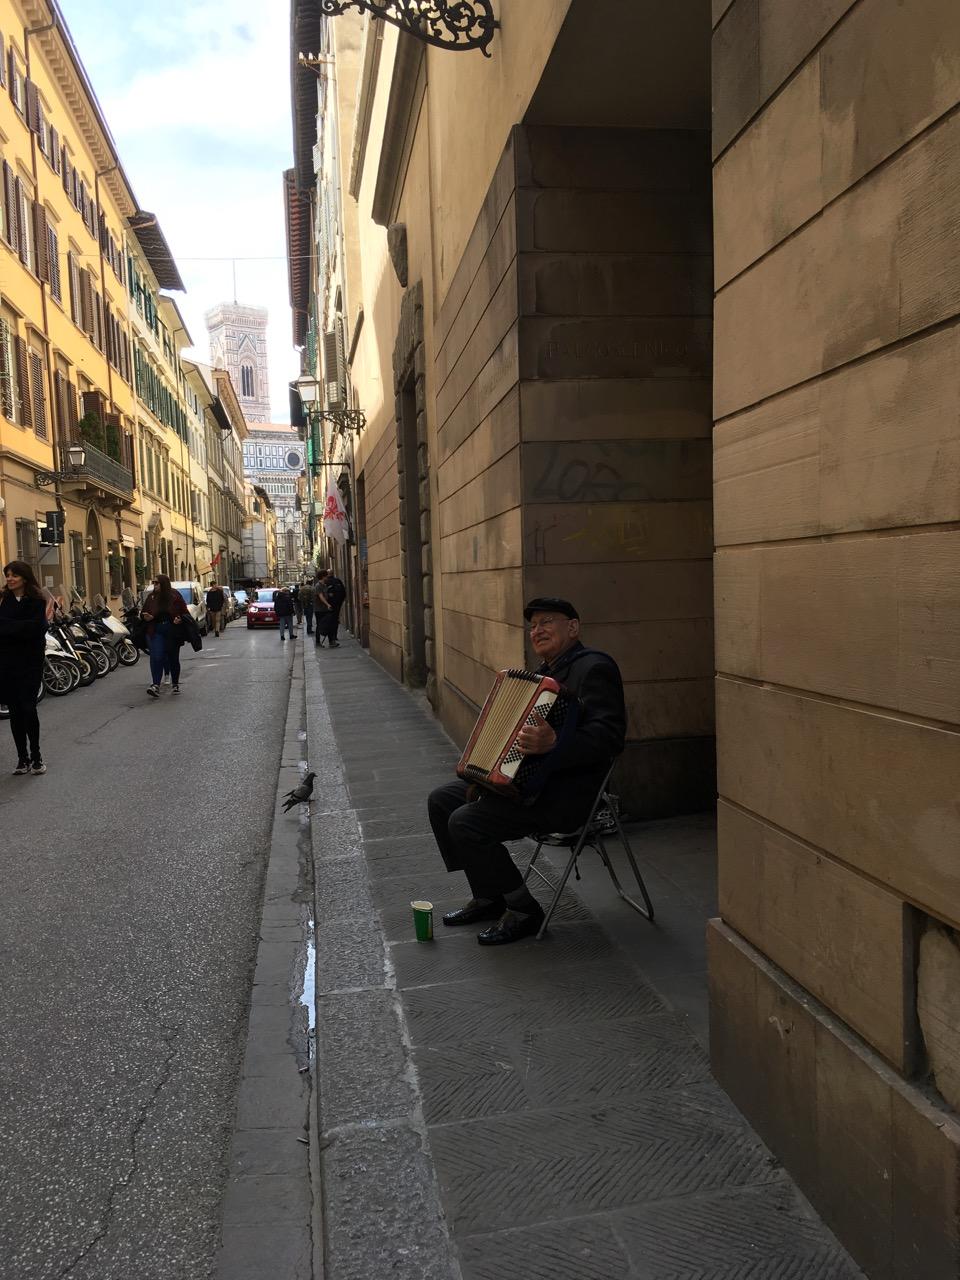 街头拉手风琴的老人